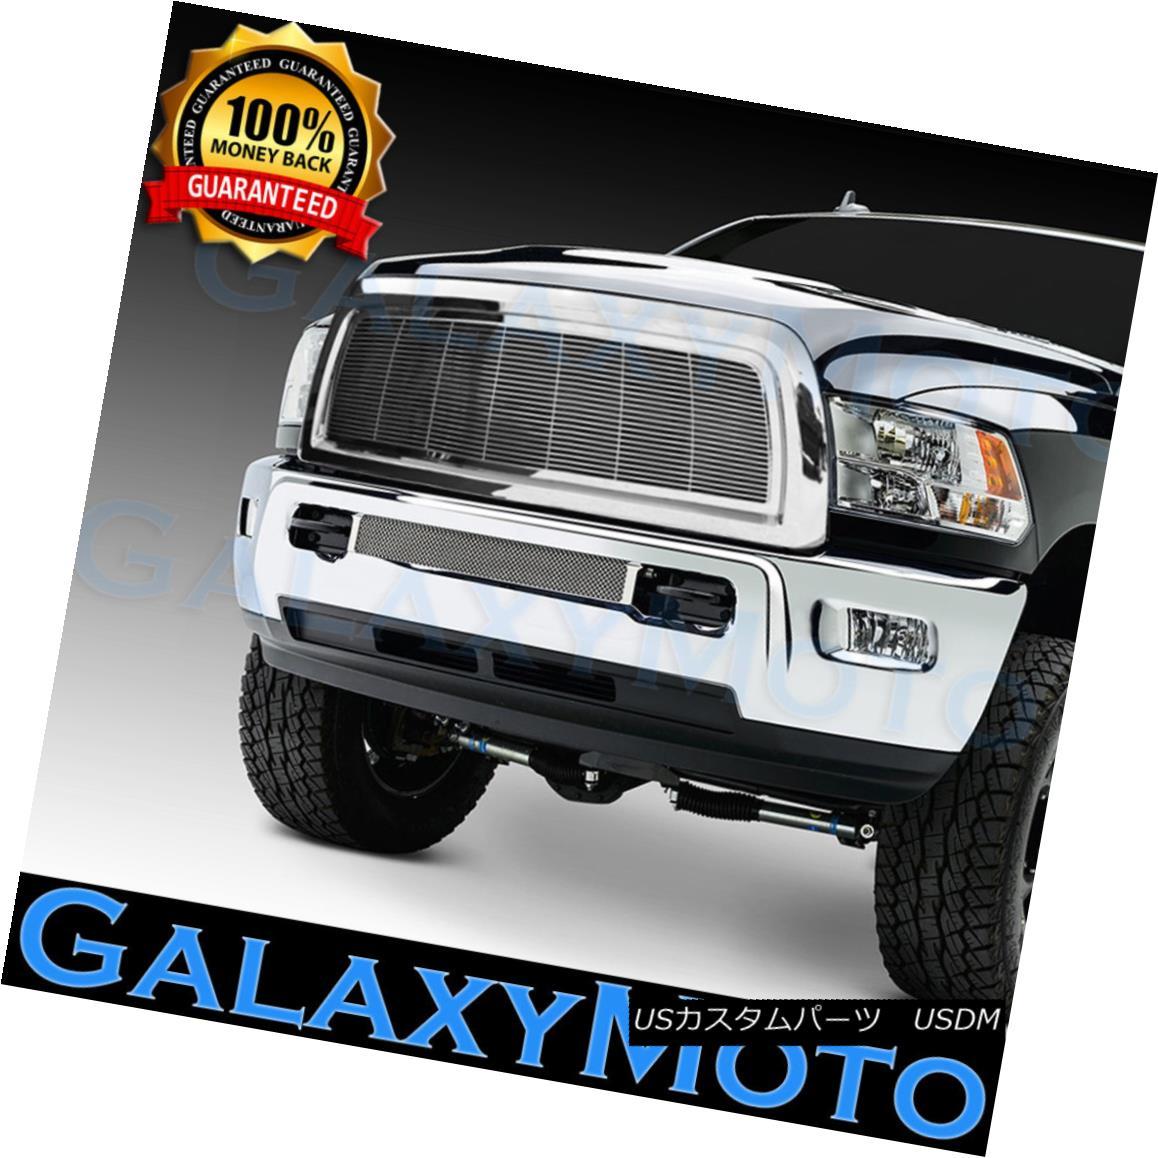 グリル 10-12 Dodge RAM 2500+3500+HD Chrome Billet Grille+Complete Replacement+Shell 10-12ダッジRAM 2500 + 3500 + HDクロムビレットグリル+完了 e交換+ Sh ell